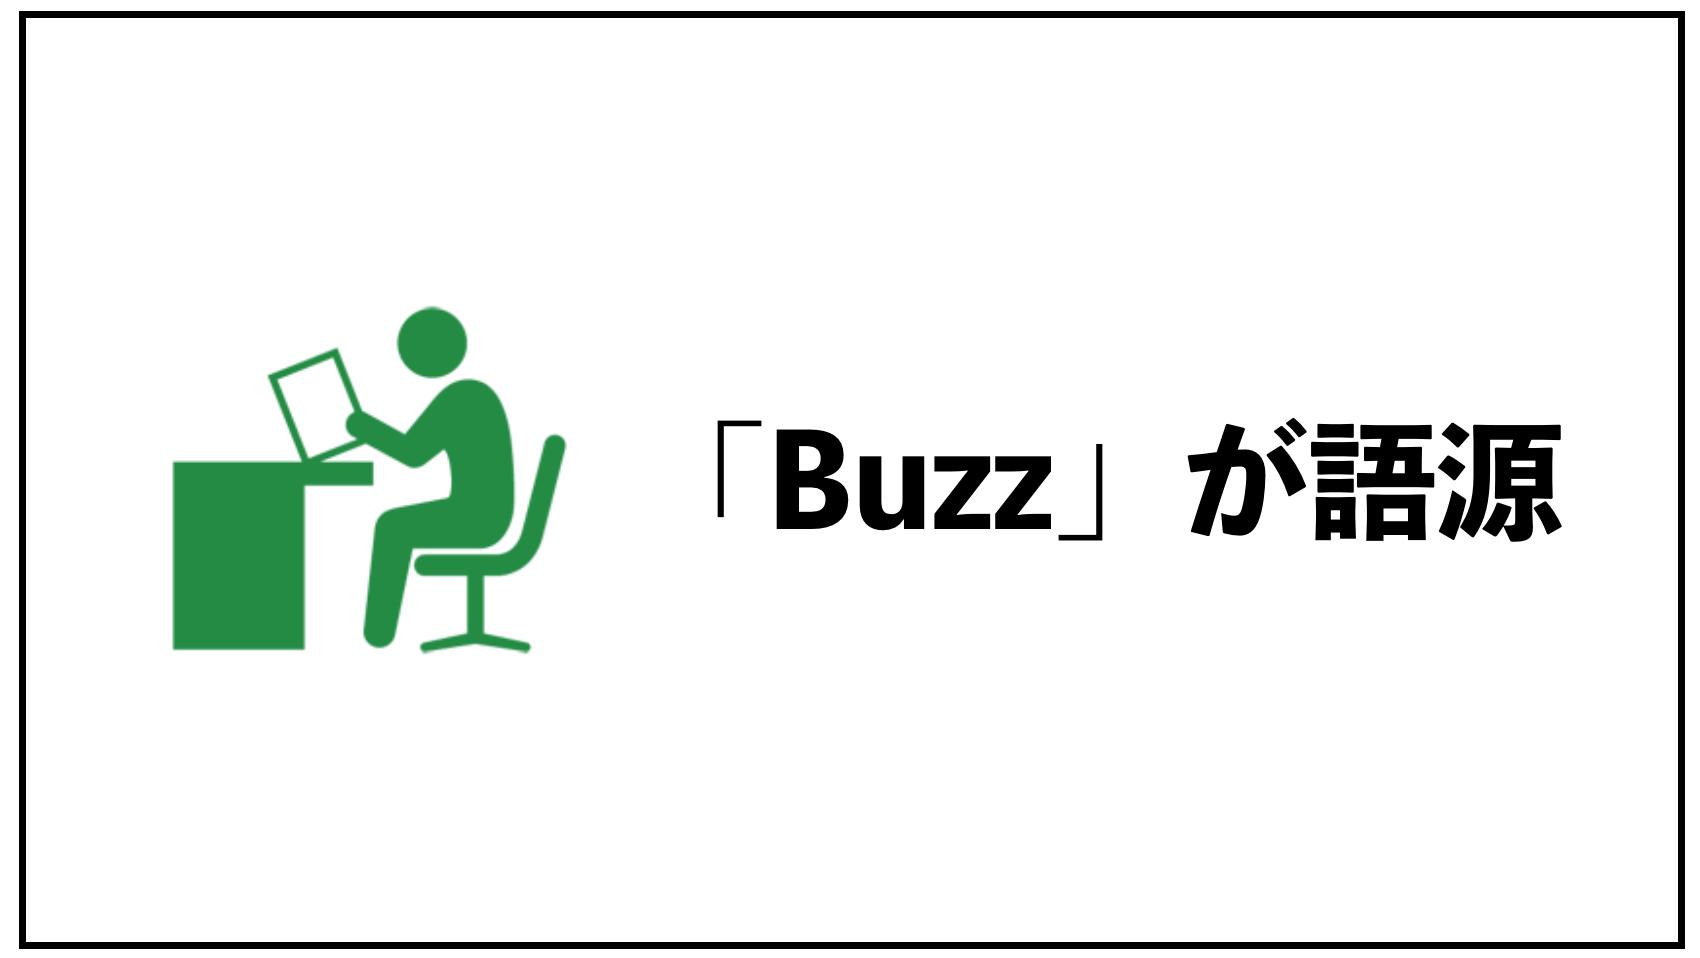 る 語源 バズ